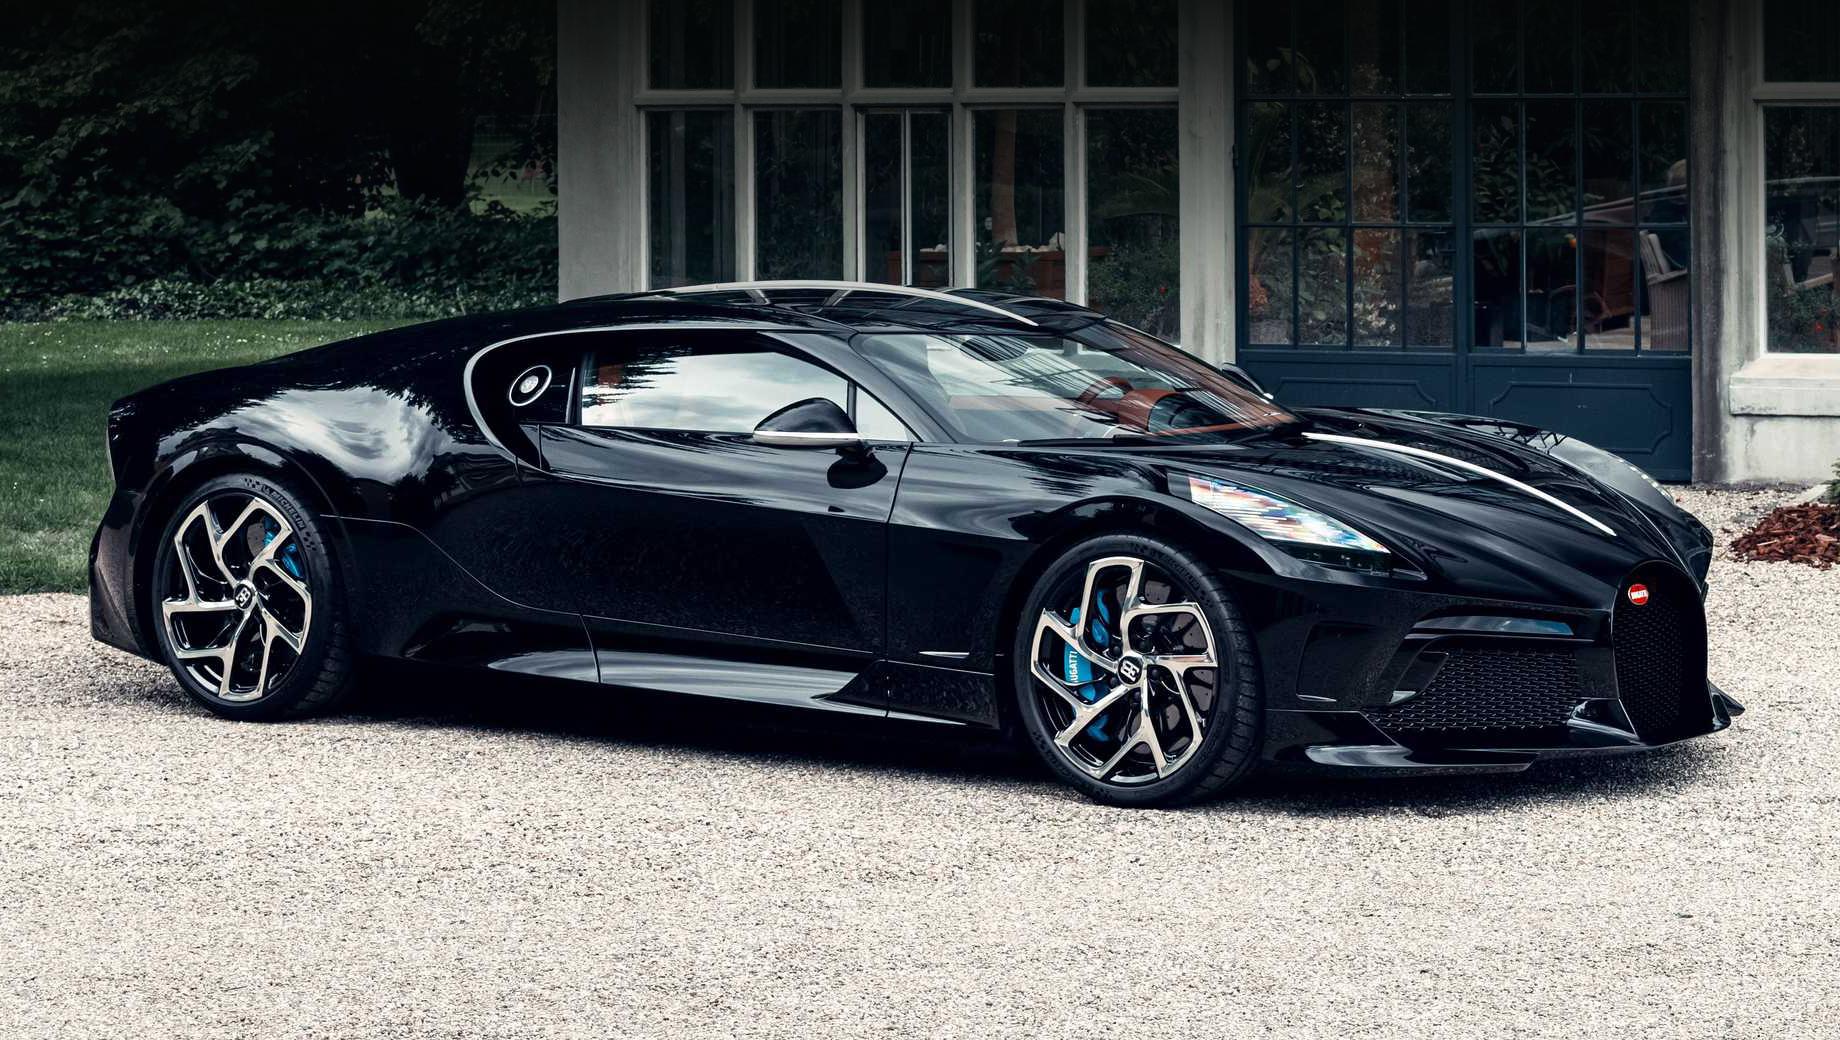 Bugatti la voiture noire. Облик купе навеян исторической моделью Bugatti Type 57 SC Atlantic, причём конкретным образцом с таким же названием La Voiture Noire, принадлежавшим Жану, сыну Этторе Бугатти. Та машина пропала в конце тридцатых.